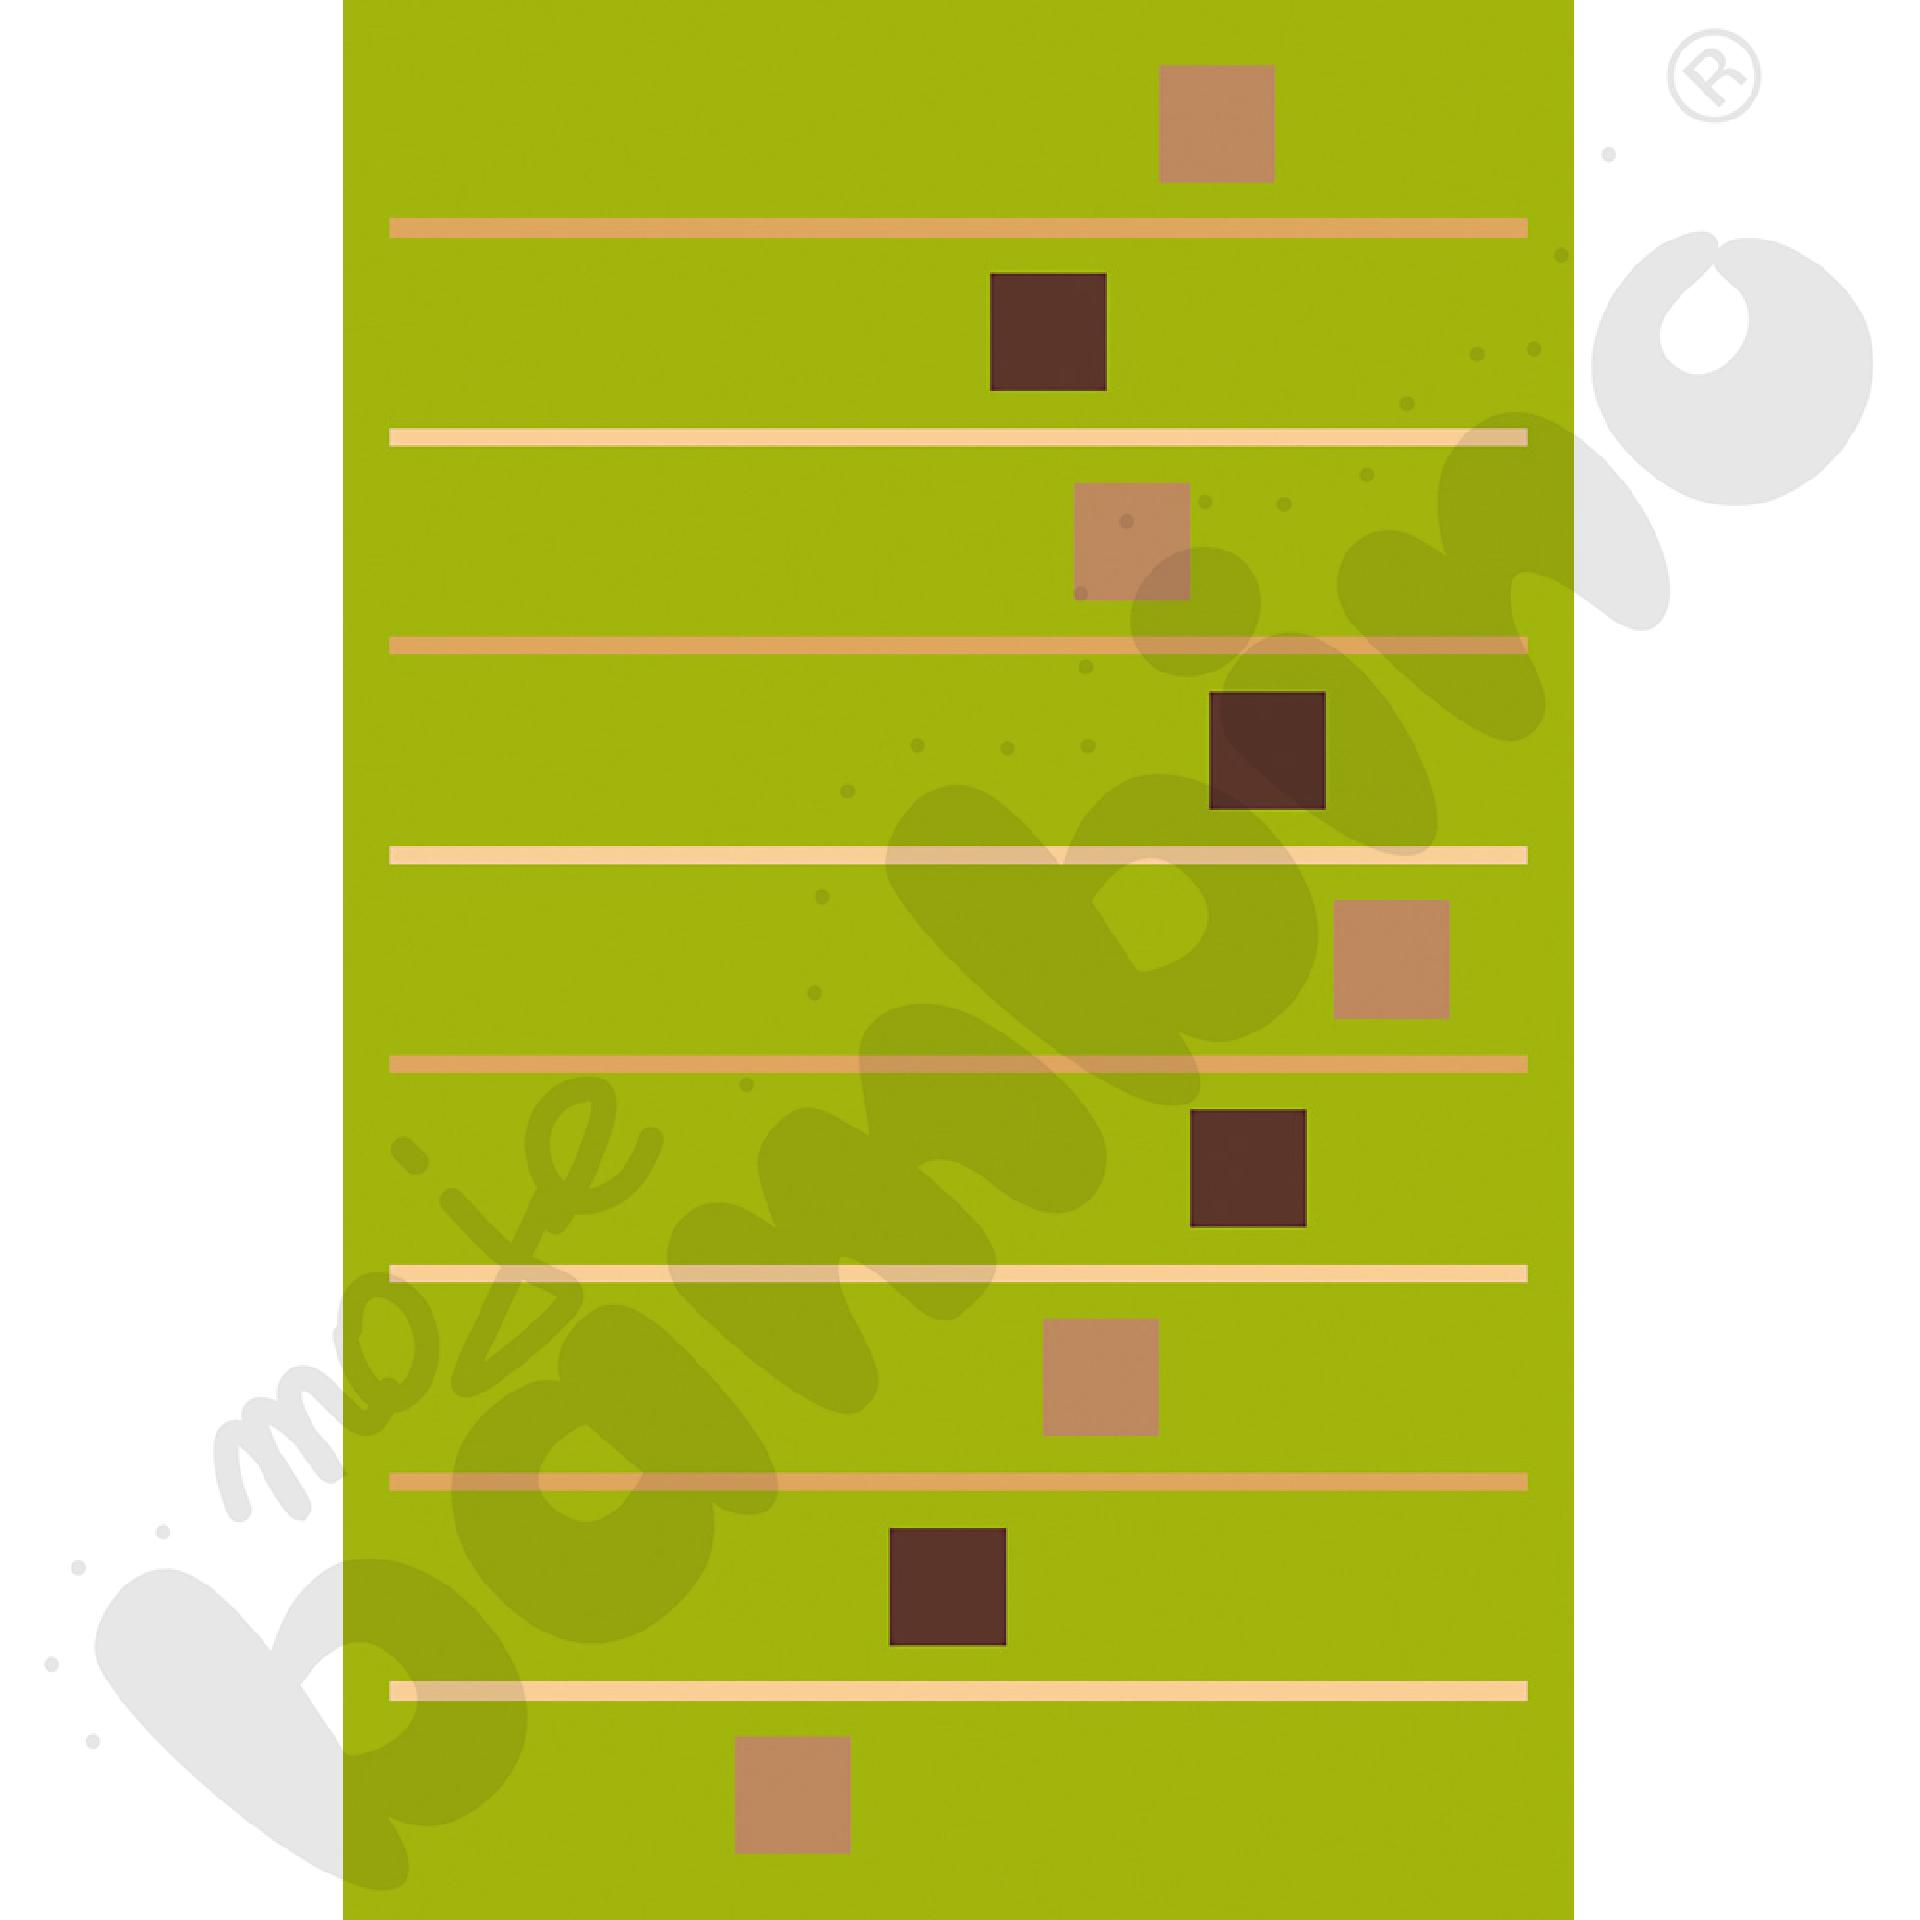 Dywan Baka zielony 2 x 3 m